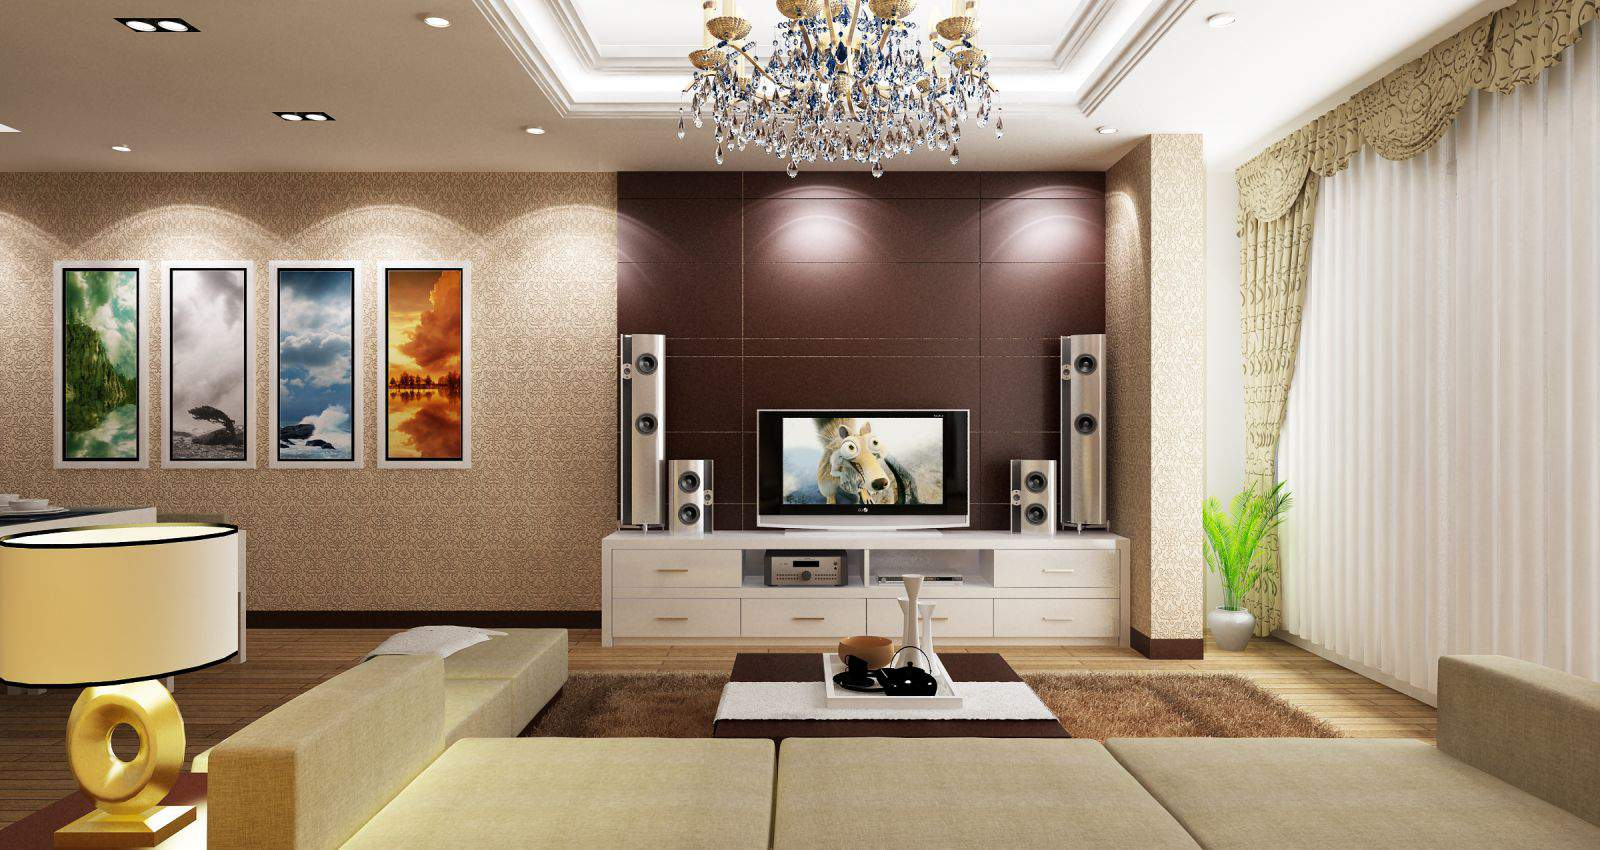 Thiết kế nội thất cần chú trọng vào hướng